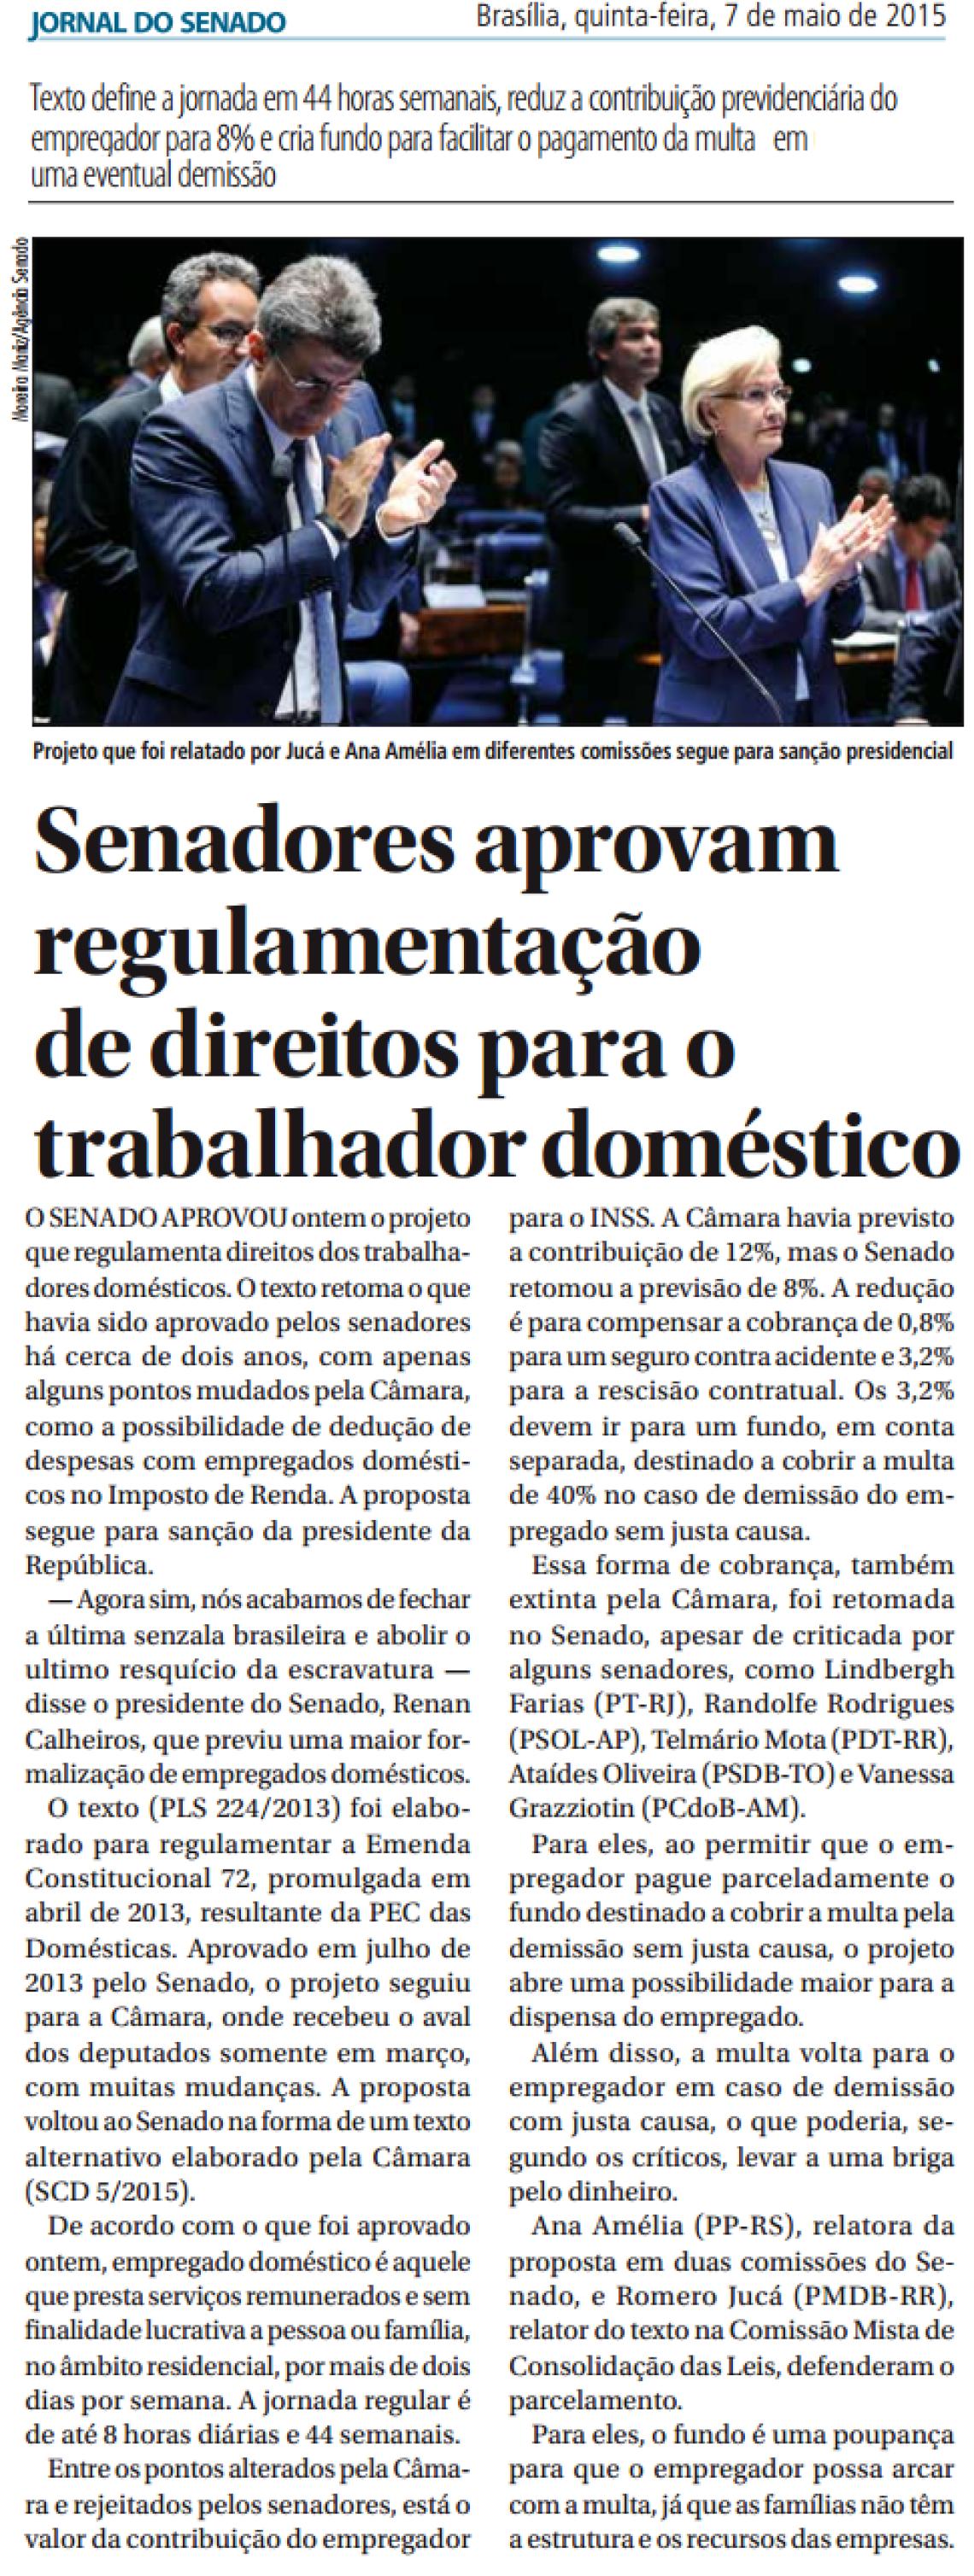 Jornal do Senado: Senadores aprovam regulamentação de direitos para o trabalhador doméstico